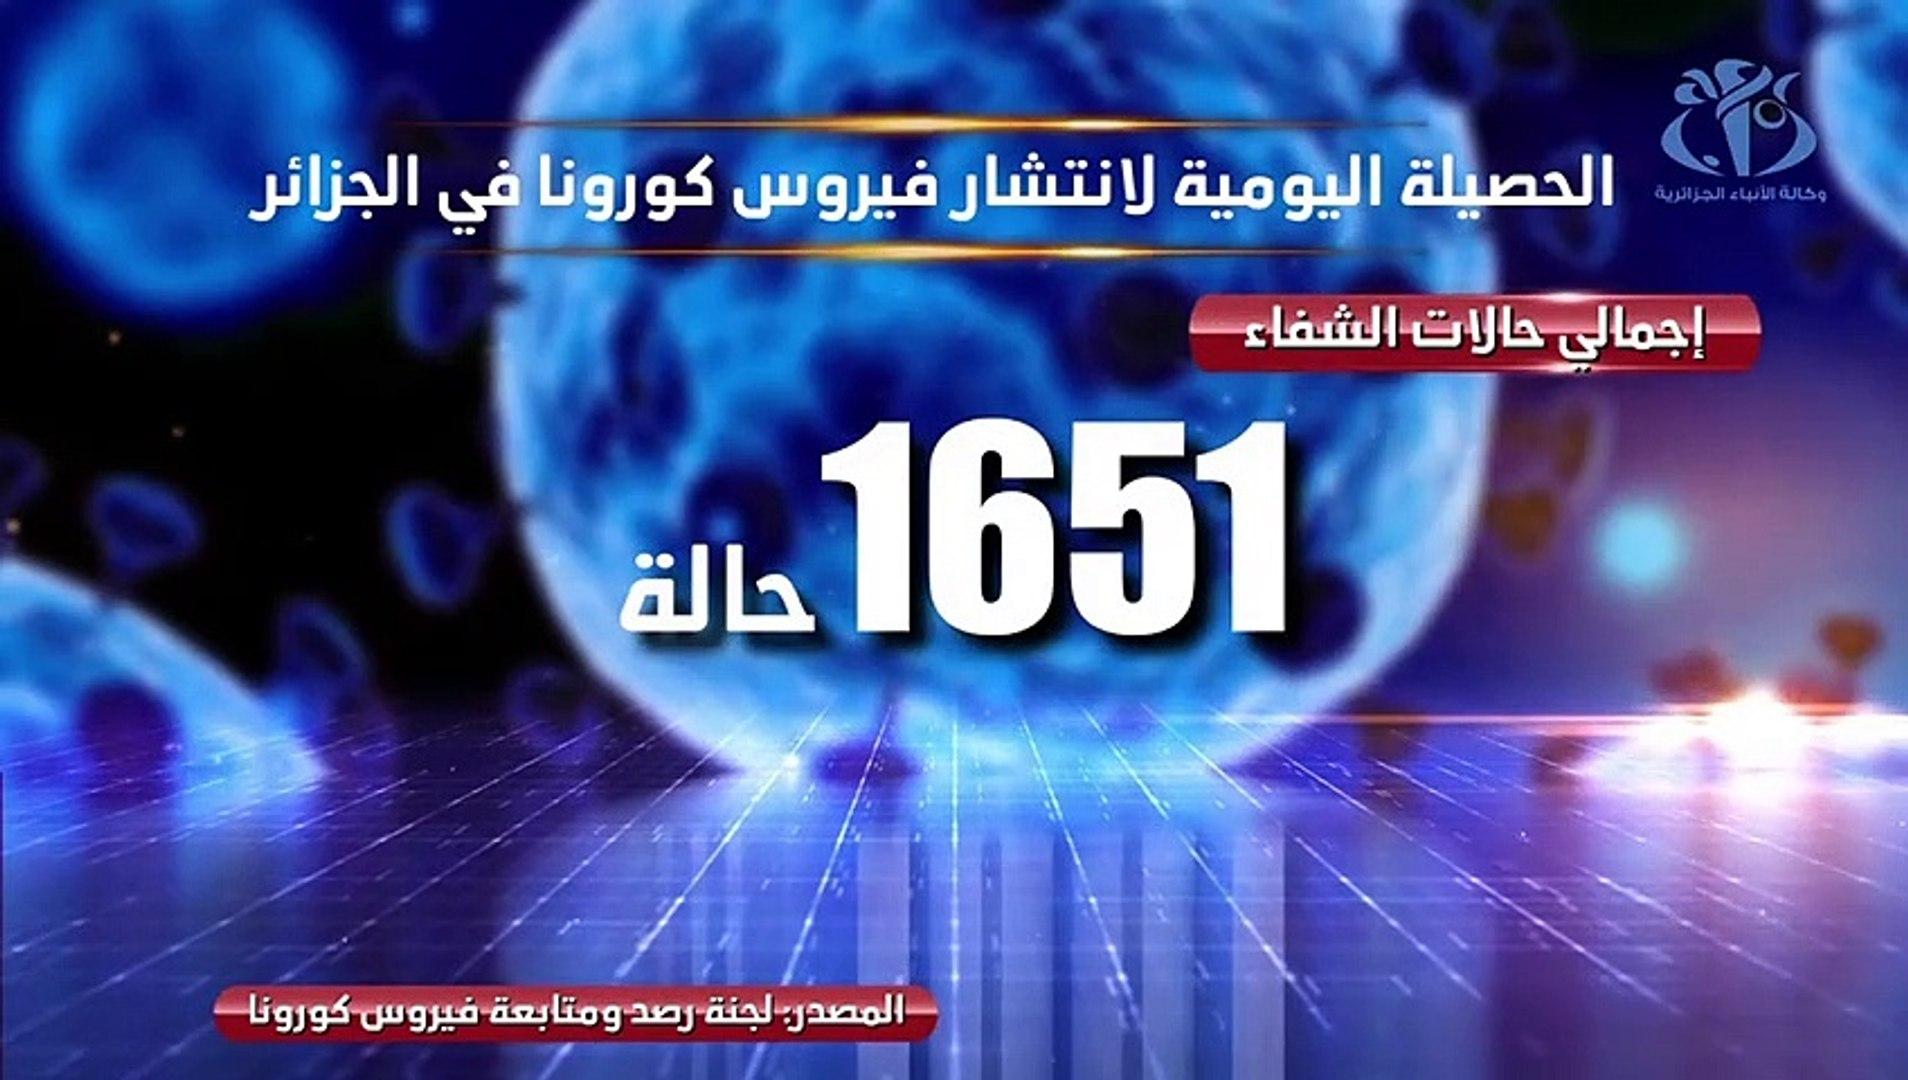 اخبار الجزائر اليوم | 29 افريل 2020 | حصيلة فيروس كورونا